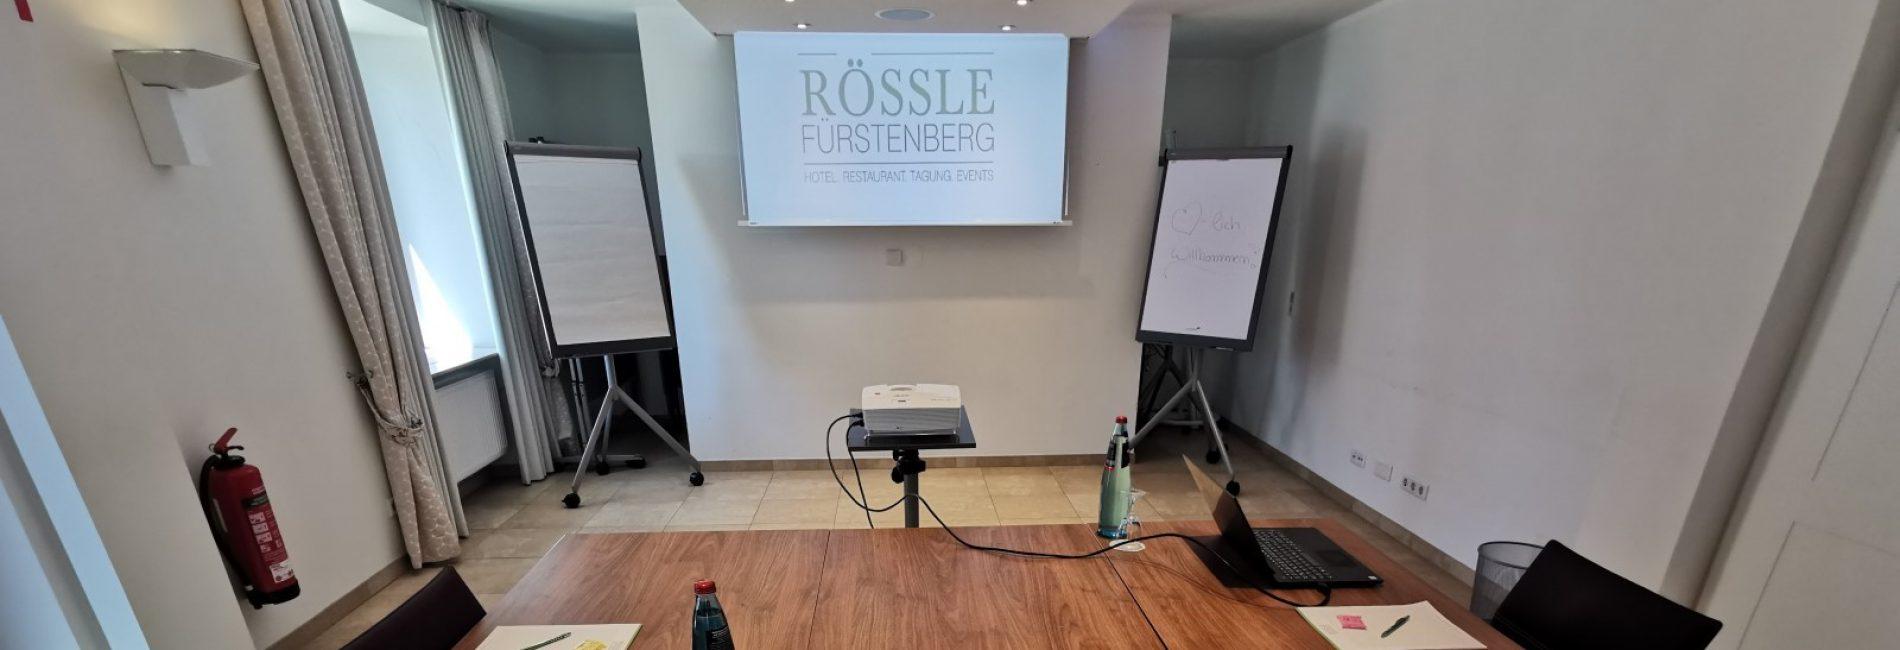 tagungshotel-tagungs-seminare-donaueschinen-schwarzwald-roessle-4 - header